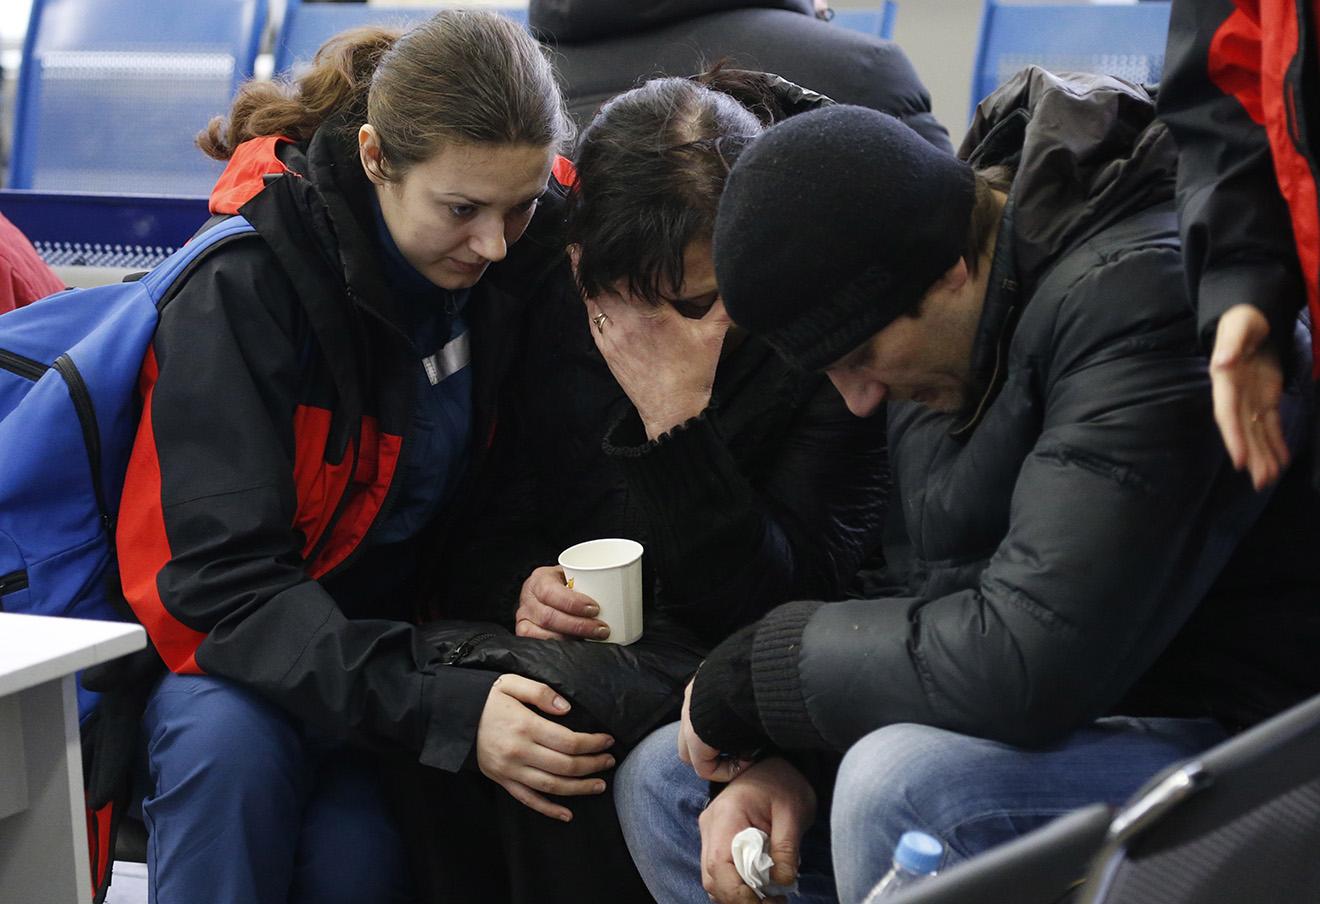 Родственники погибших в аэропорту Ростова-на-Дону, 19 марта 2016 года.